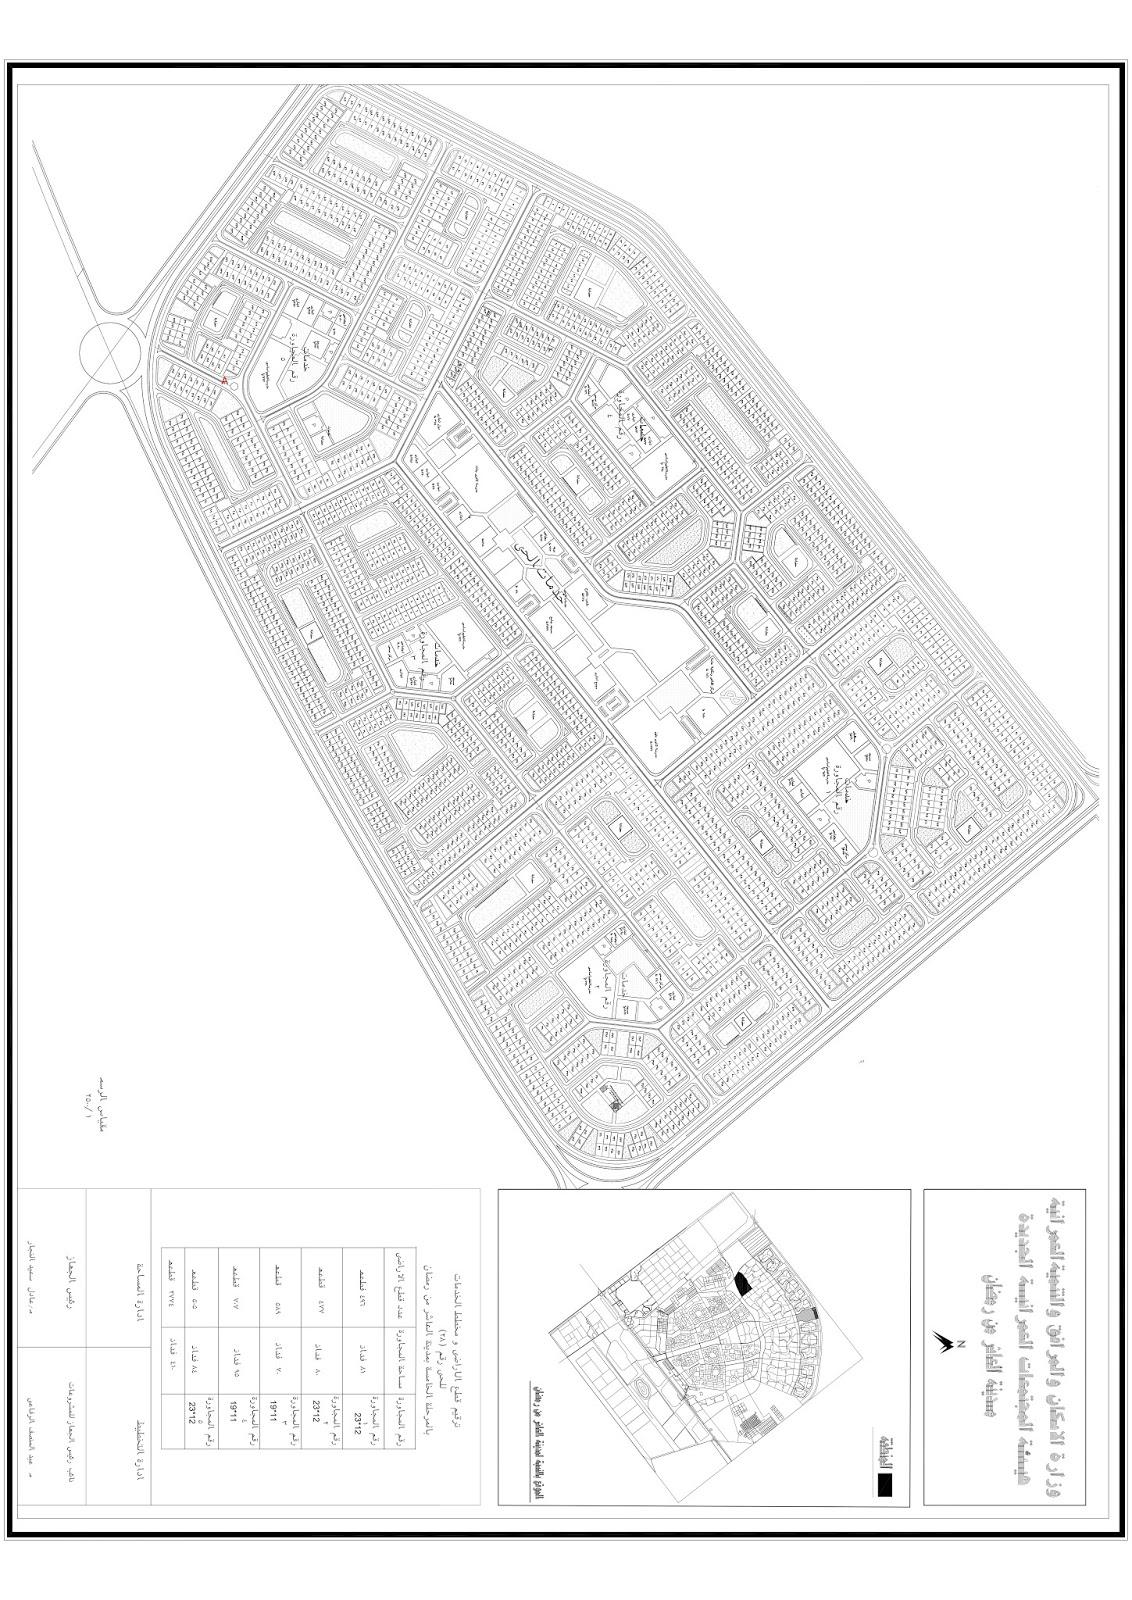 خريطة الحى 28 بالعاشر من رمضان